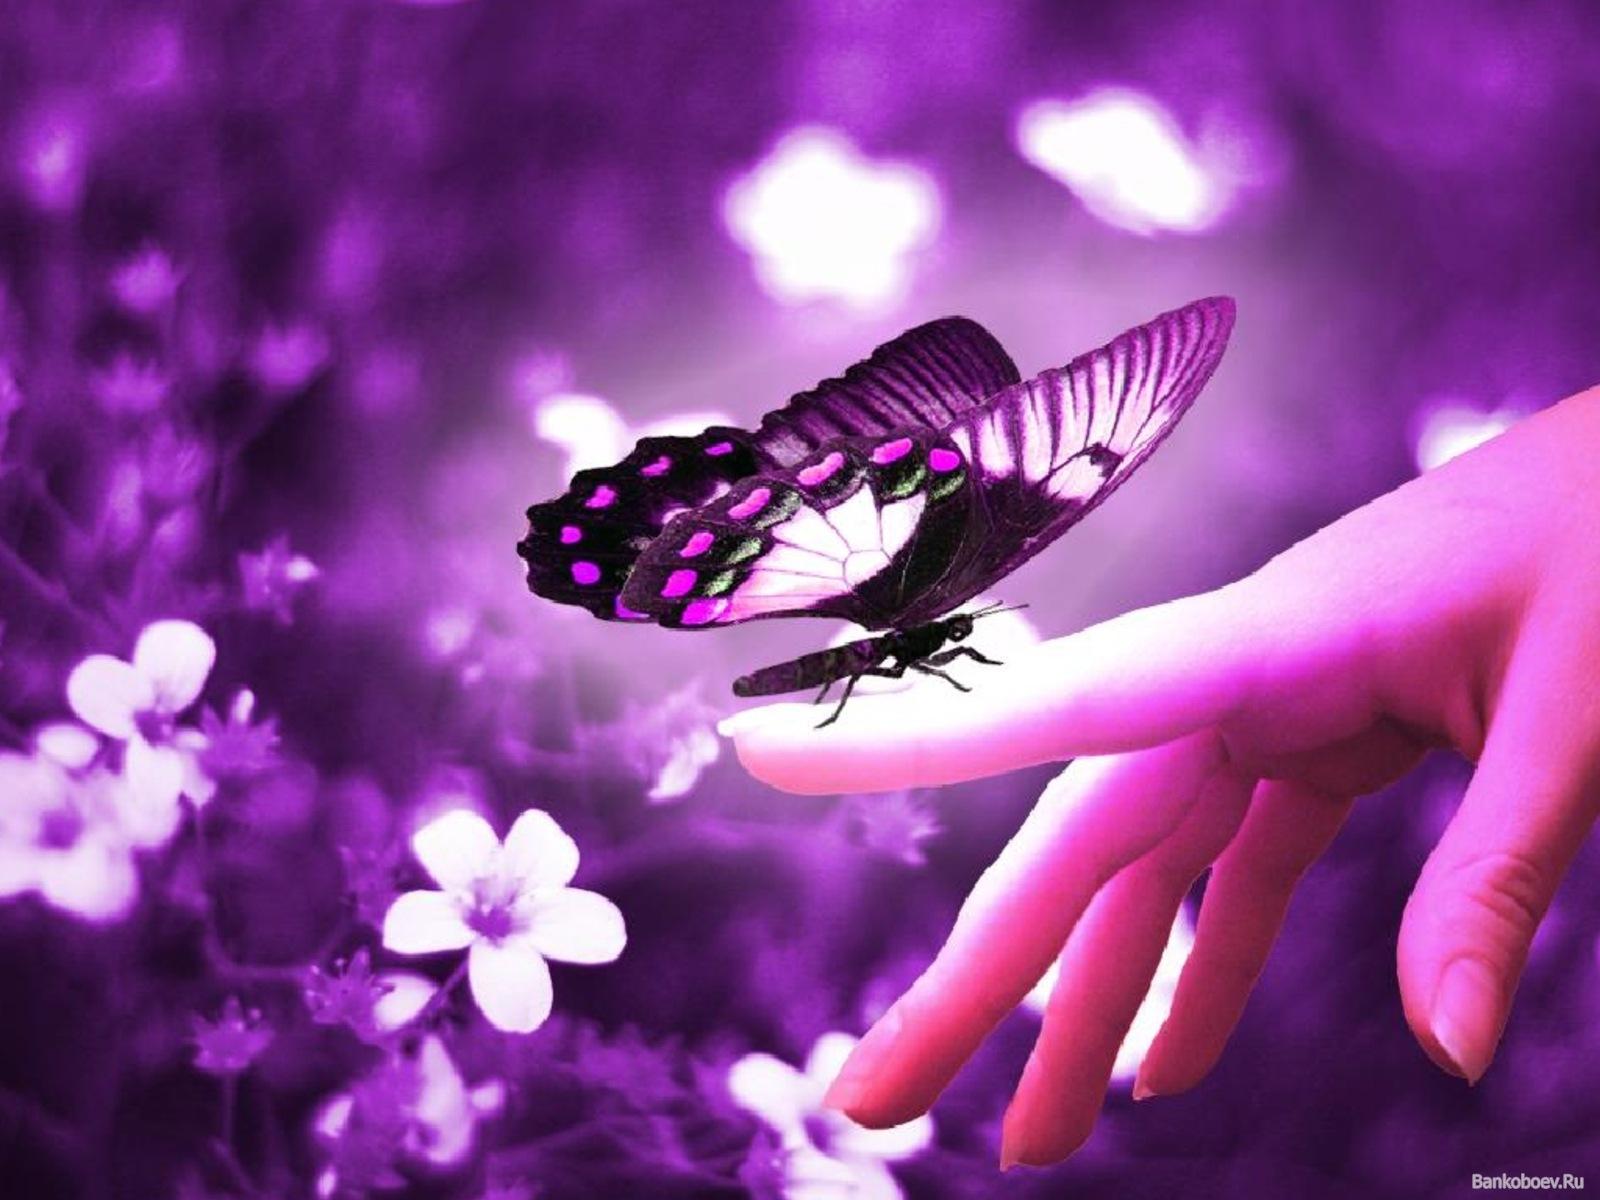 Cute Butterfly in Purple   Computer Screen Saver PC Desktop Wallpaper 1600x1200